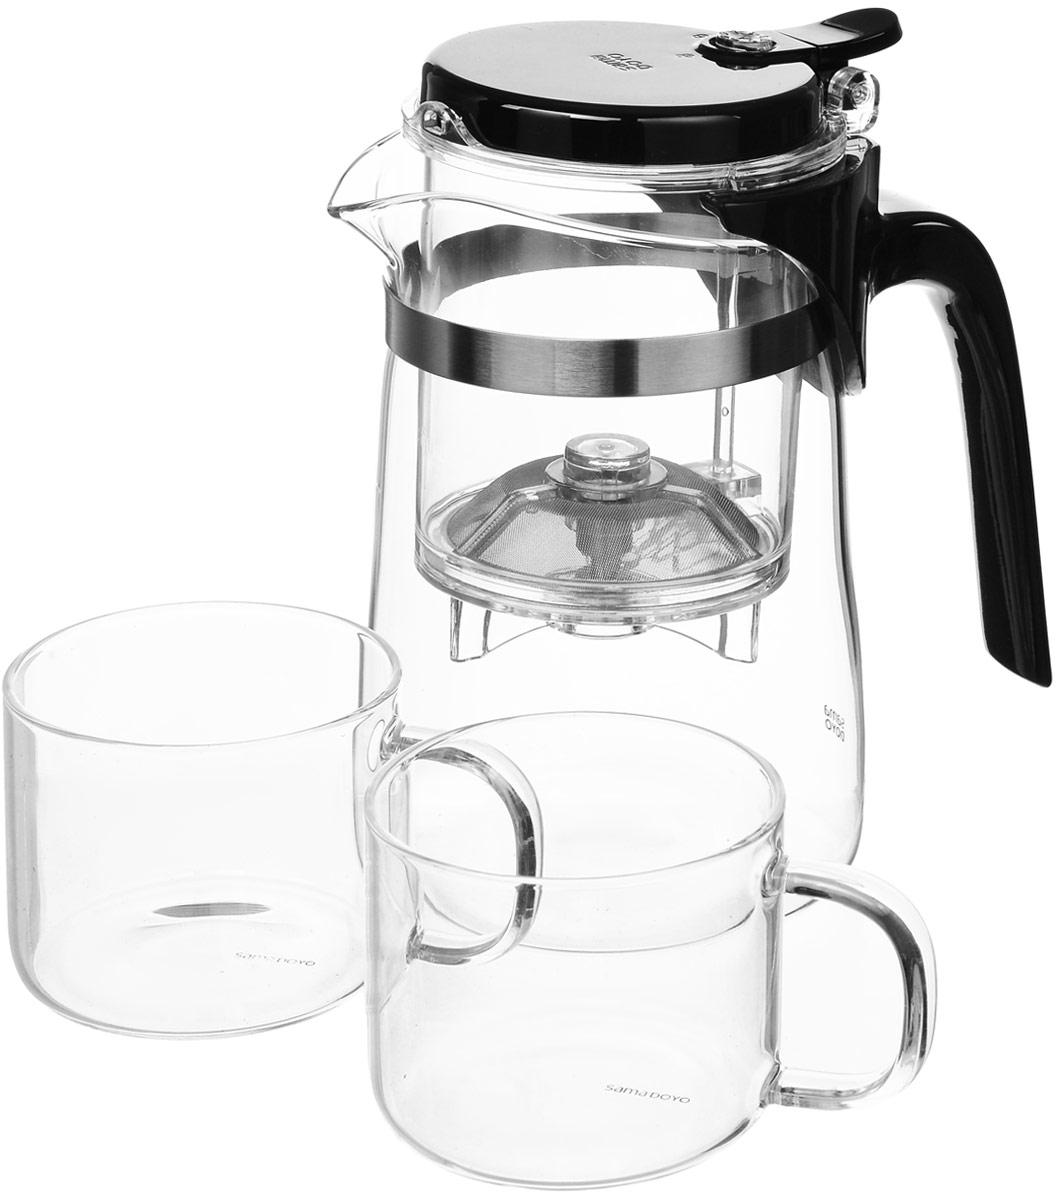 Набор для чая SAMADOYOSAG-08+, 3 предметаVT-1520(SR)Набор для чая SAMADOYOSAG-08+ состоит из заварочного чайника и двух чашек.Заварочный чайник изготовлен из высококачественного термостойкого стекла и пластика. Он удобен в использовании, любой человек, даже не имеющий большого опыта в заваривании чая, сможет заварить в нем чай до правильной консистенции без риска перезаварить чай. При нажатии на кнопку заваренный настой из фильтра переливается в нижнюю часть чайника, процесс заварки останавливается, а чаинки остаются в фильтре.Чашки выполнены из боросиликатного стекла, что делает их устойчивыми к перепадам температур. Благодаря этому они намного легче и прочнее, чем обычное стекло. Прозрачность позволяет полностью насладиться красивым видом заваренного чая.Диаметр чайника (по верхнему краю): 8 см.Высота чайника: 15 см.Объем чайника: 500 мл.Размер колбы с фильтром (с учетом крышки): 9,5 х 7,5 х 10,5 см.Объем колбы с фильтром: 250 мл.Диаметр чашки (по верхнему краю): 6,5 см.Высота стенки чашки: 5 см.Объем чашки: 150 мл.